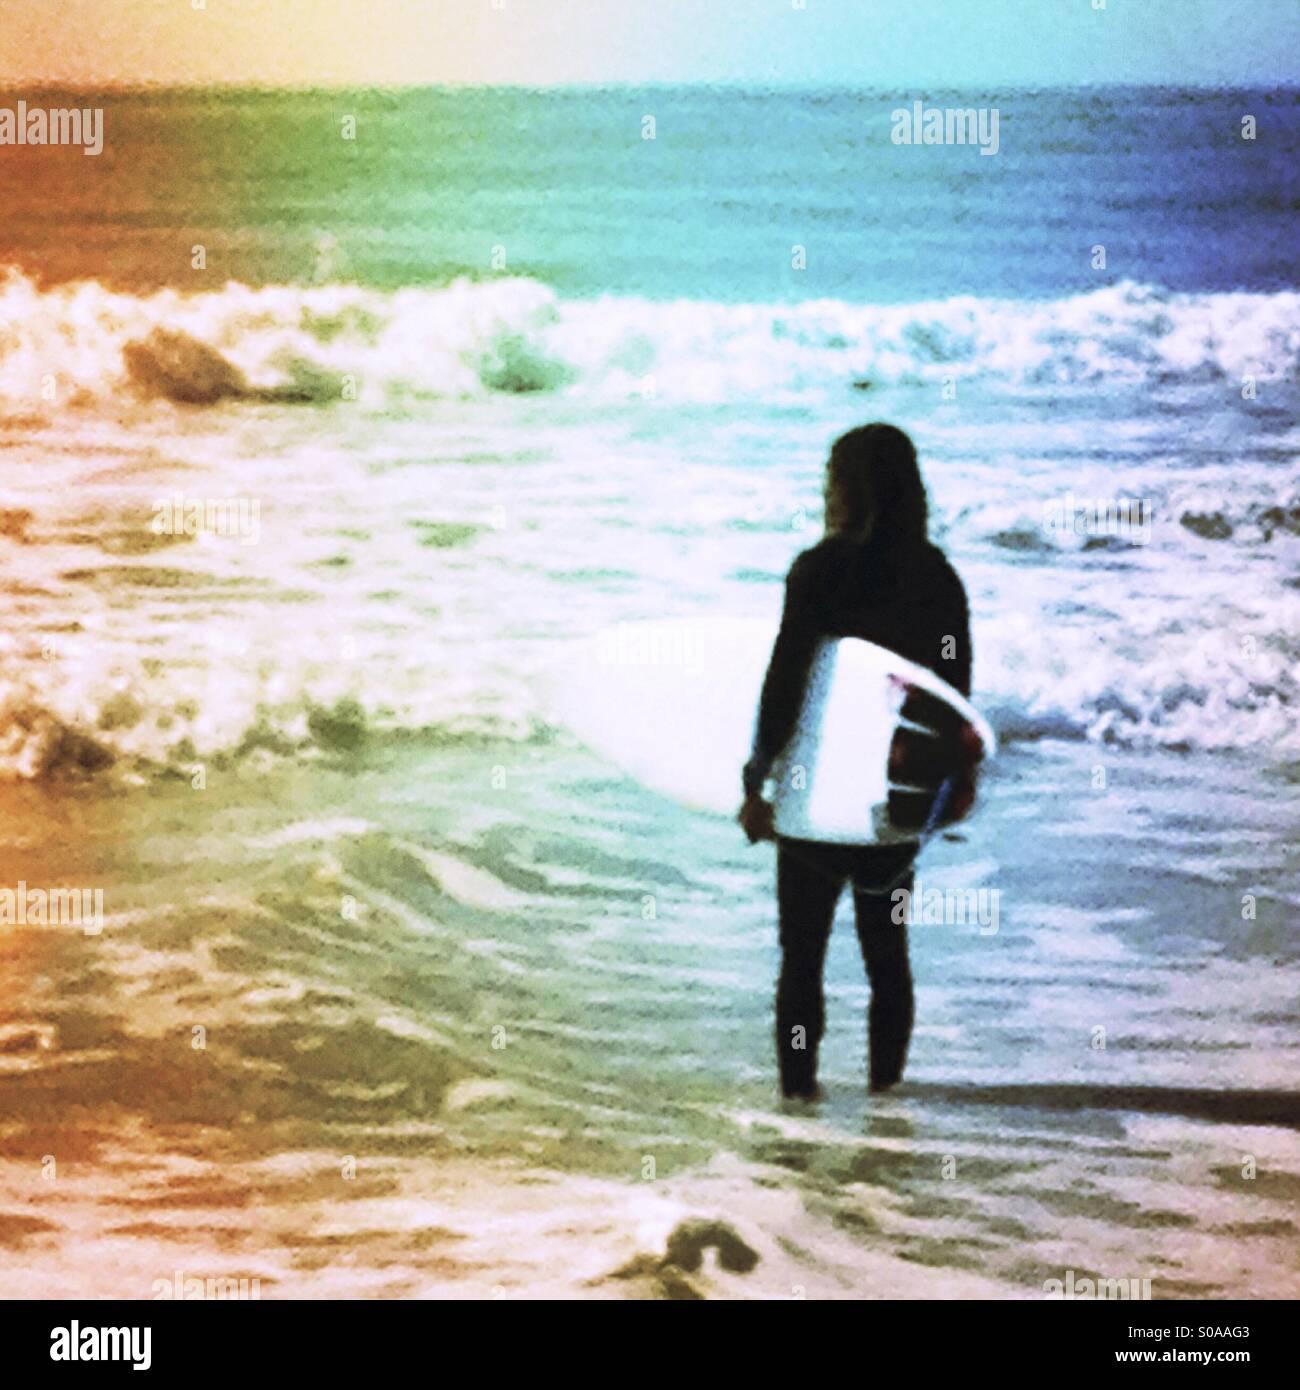 Surfer a guardare il mare e le onde per fare surf. Immagini Stock